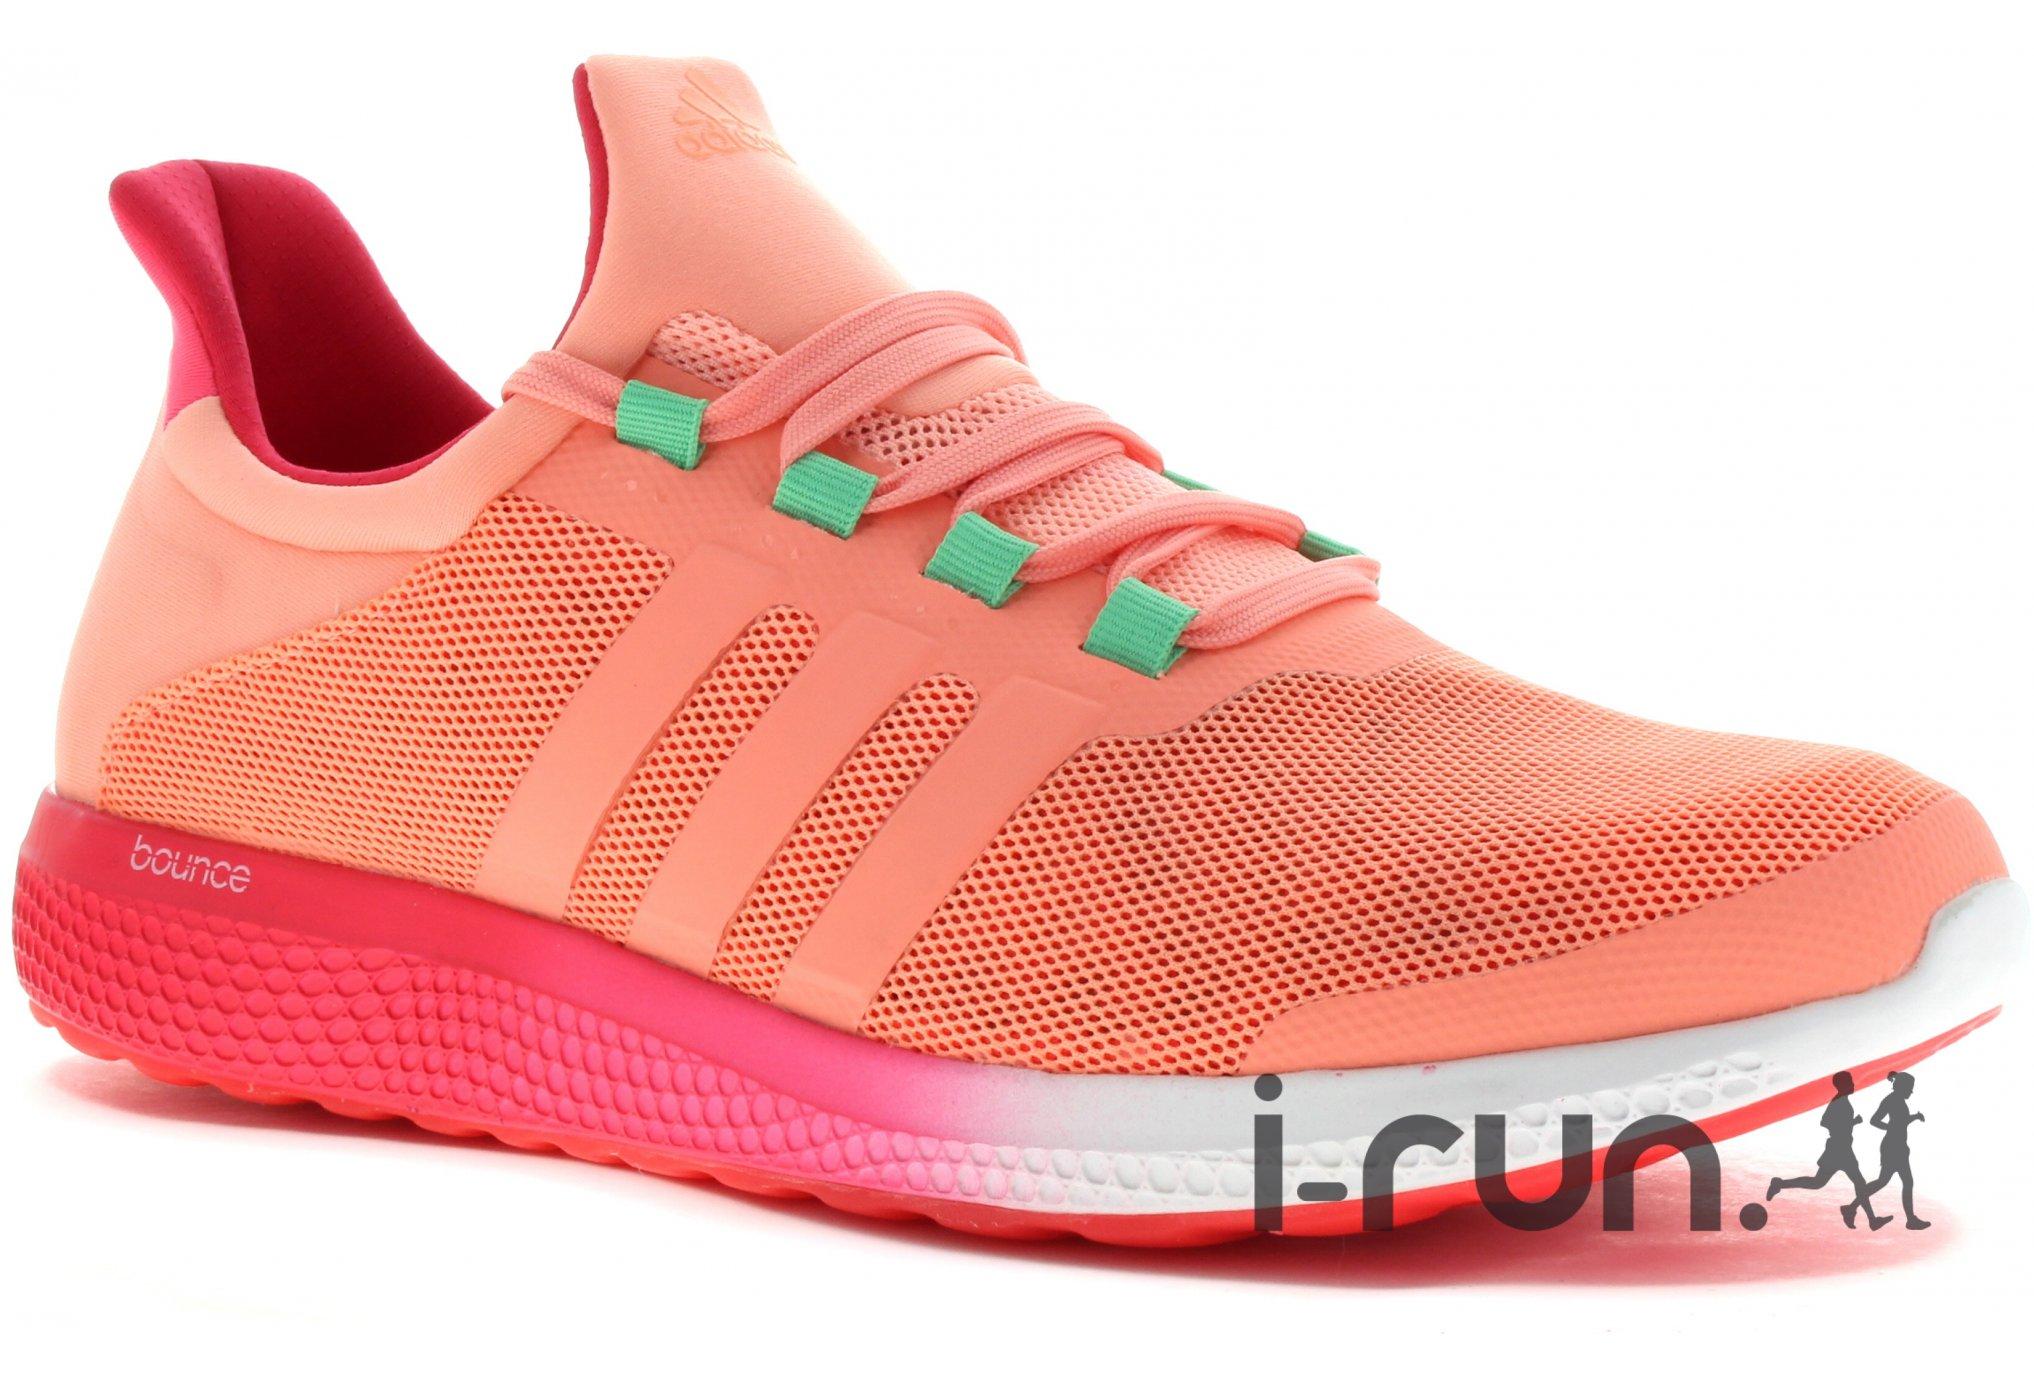 Adidas Climachill sonic w diététique chaussures femme